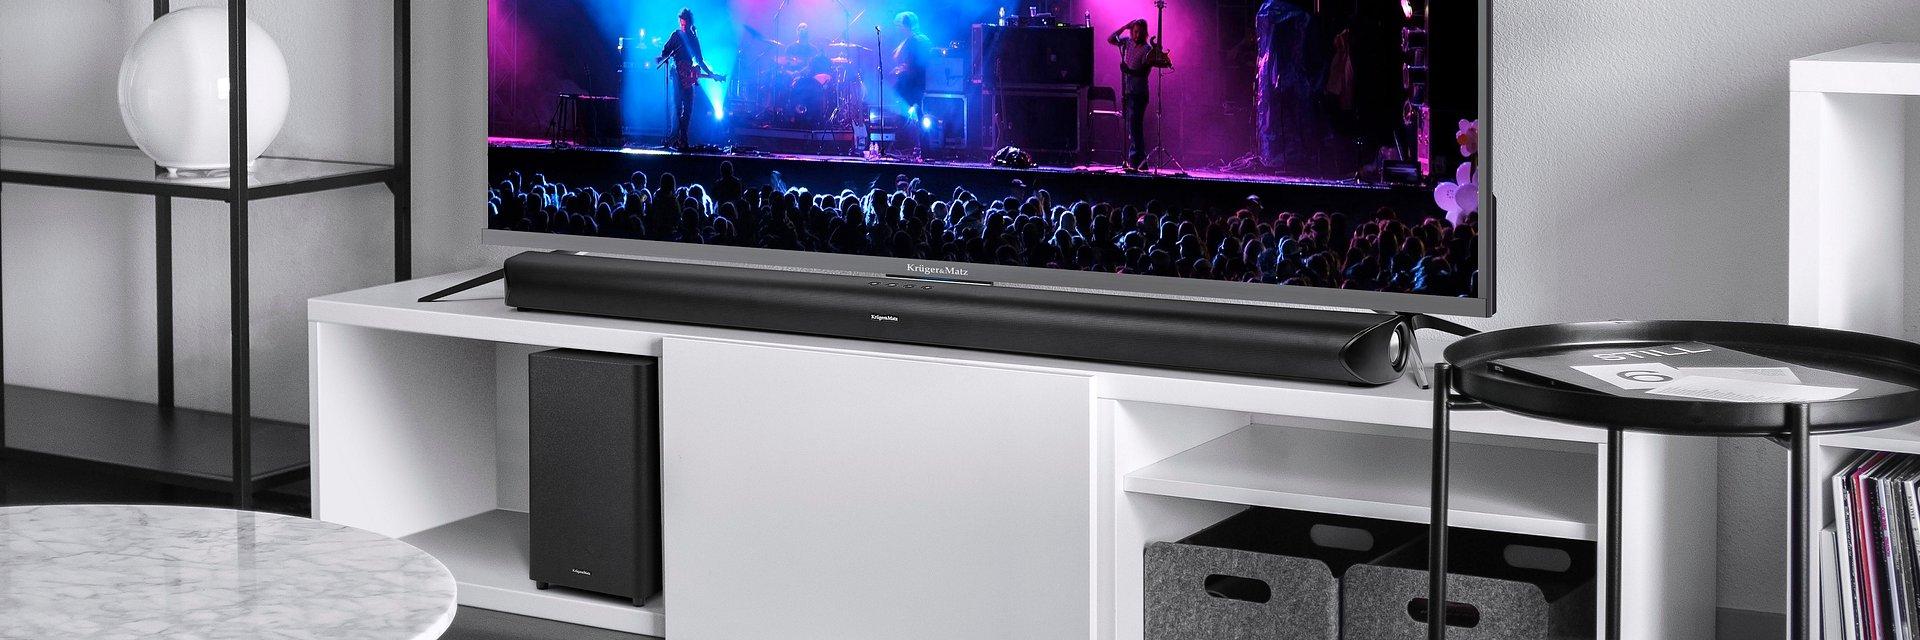 Soundbar Kruger&Matz Odyssey – nowa jakość dźwięku i stylowy design